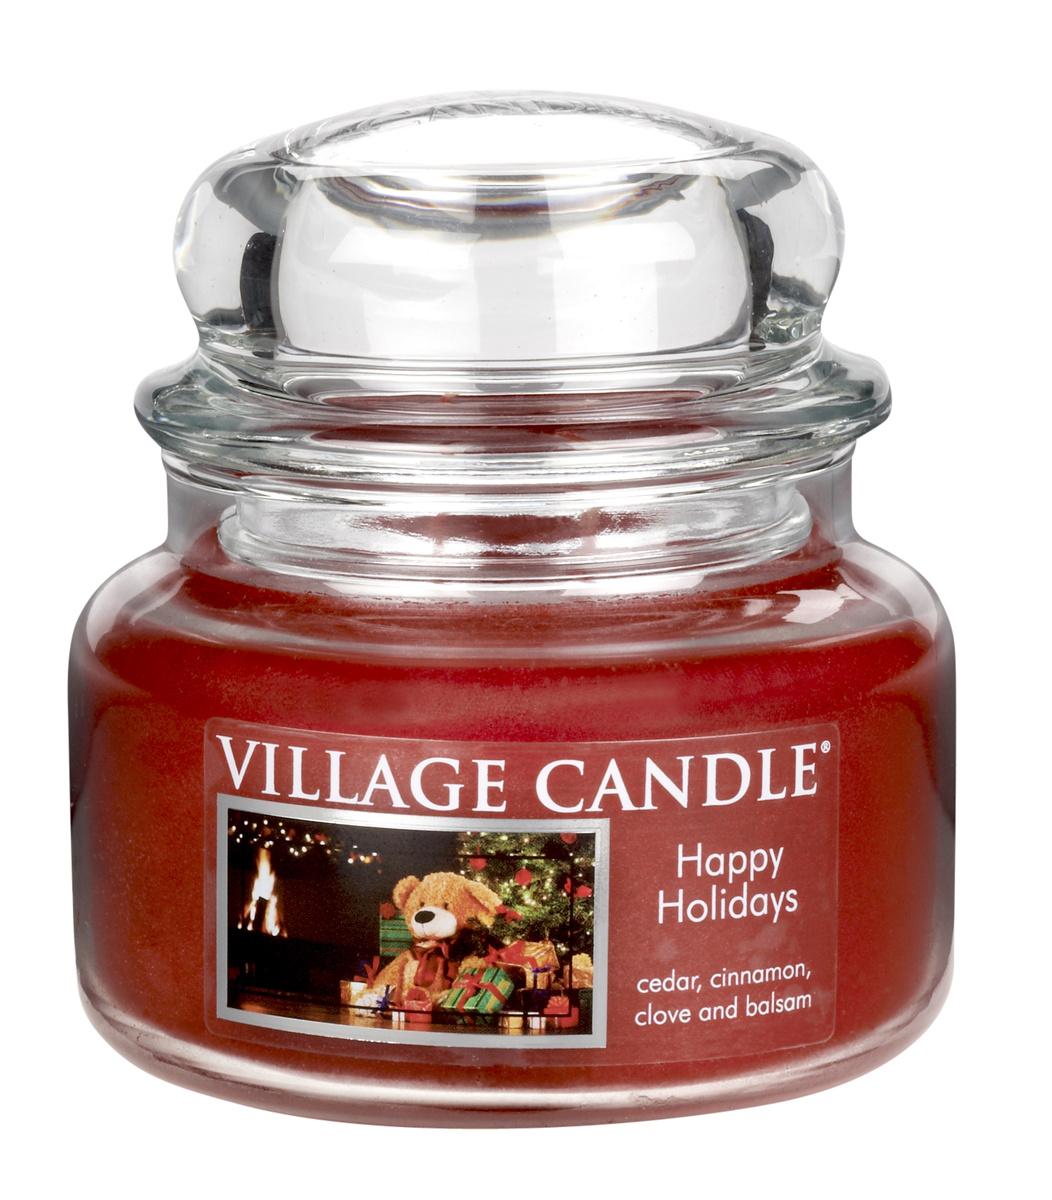 Village Candle Vonná svíčka, Šťastné Vánoce - Happy Holidays, 269 g, 269 g